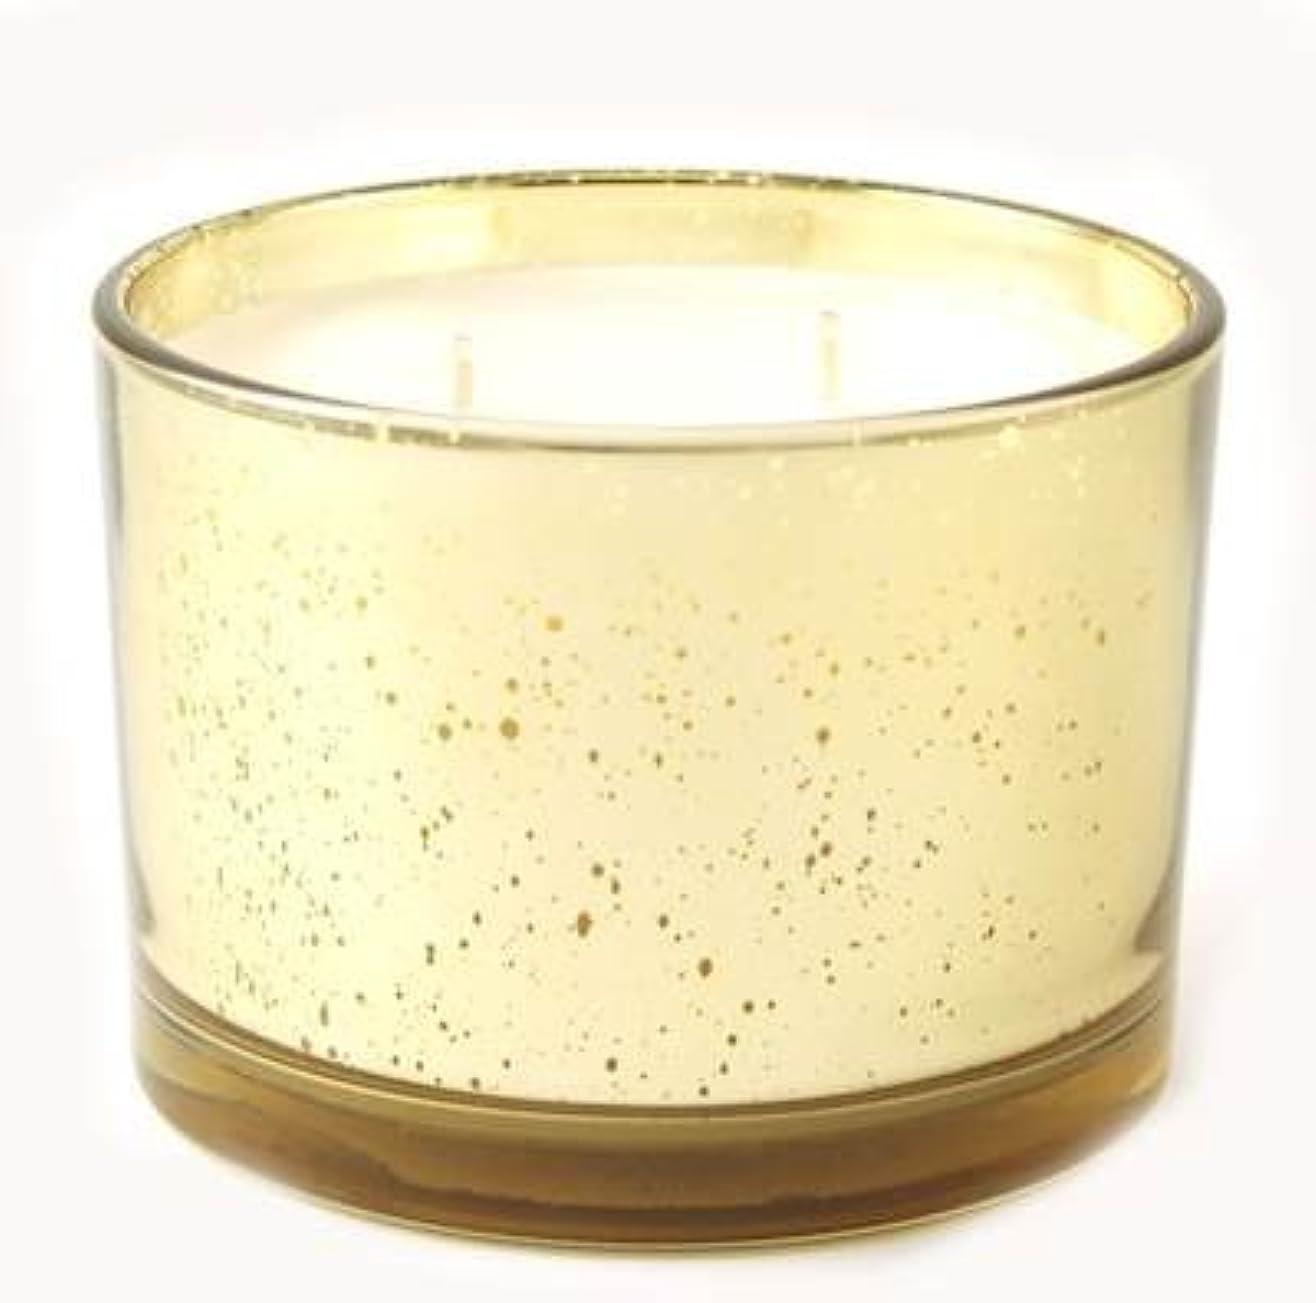 ずんぐりしたキャンドルポップアイコンTyler Statureゴールドonゴールド16oz香りつきJar Candle